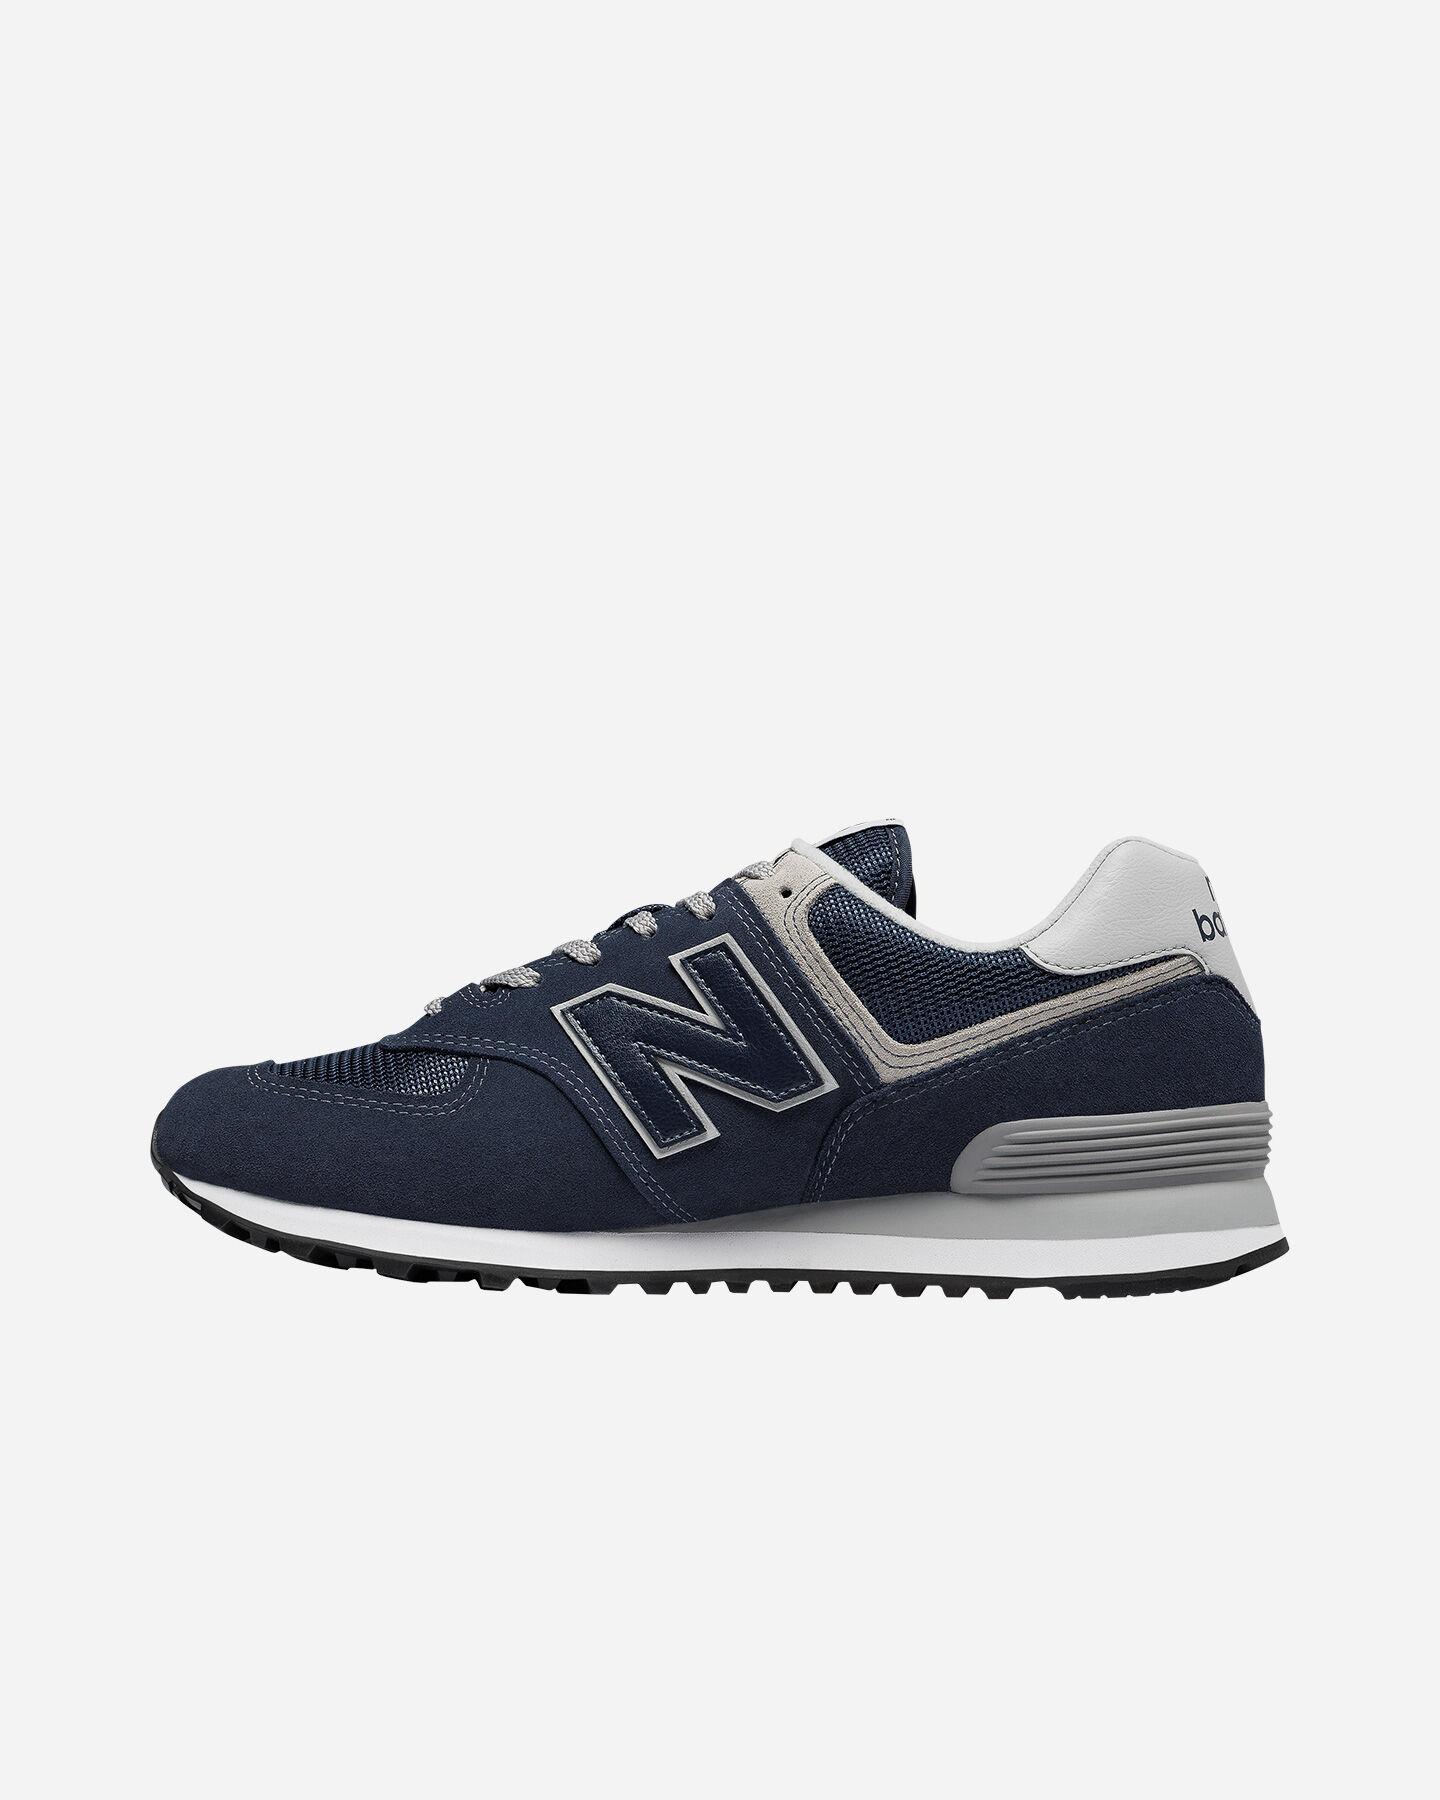 Scarpe sneakers NEW BALANCE 574 M S4040048 scatto 3